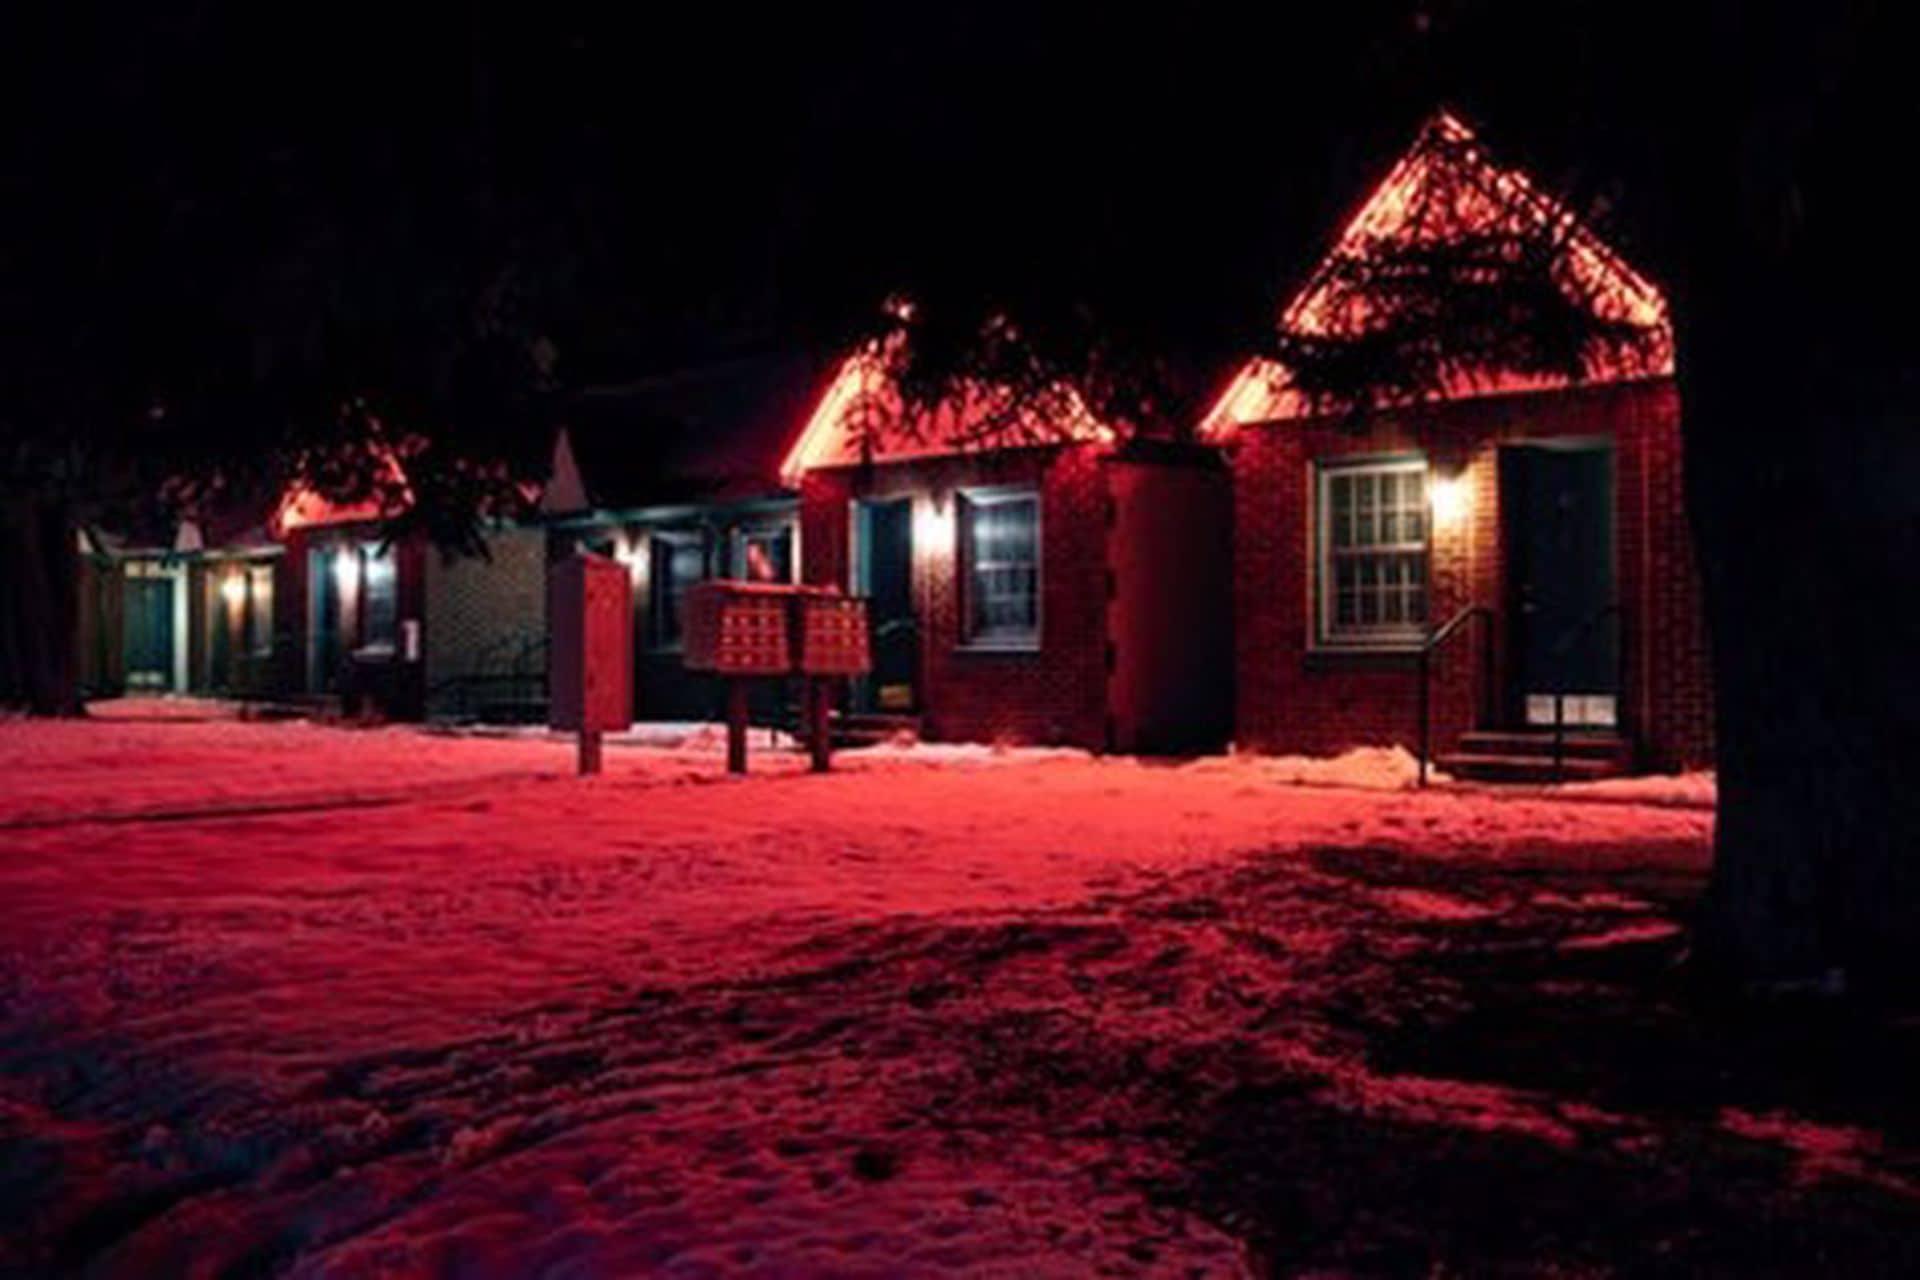 Garaj yolu karla kaplı üç ahşap ev